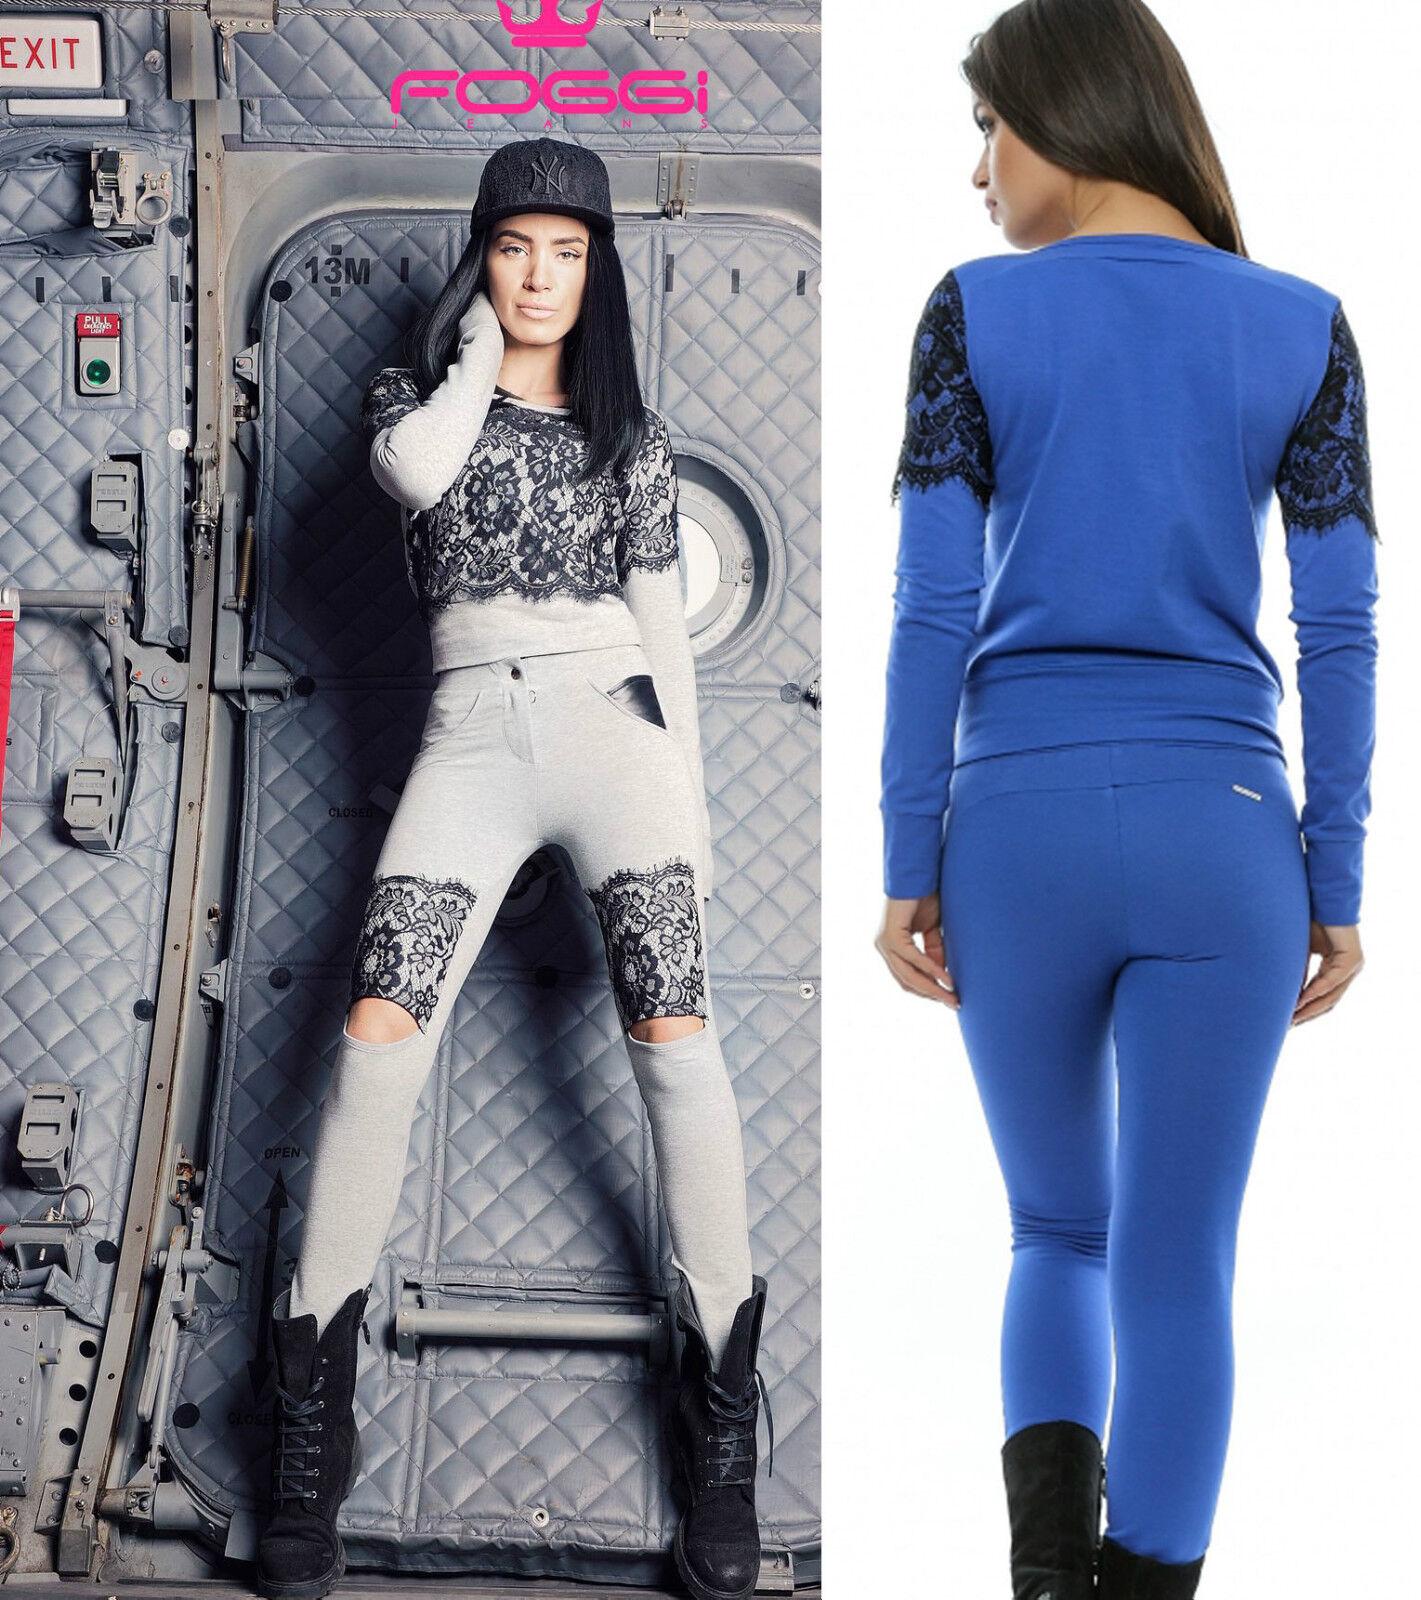 Foggi 2-Divisorio Casa Tuta Donna Pantaloni Pullover da Donna maglietta Pizzo Blu Grigio XS-M